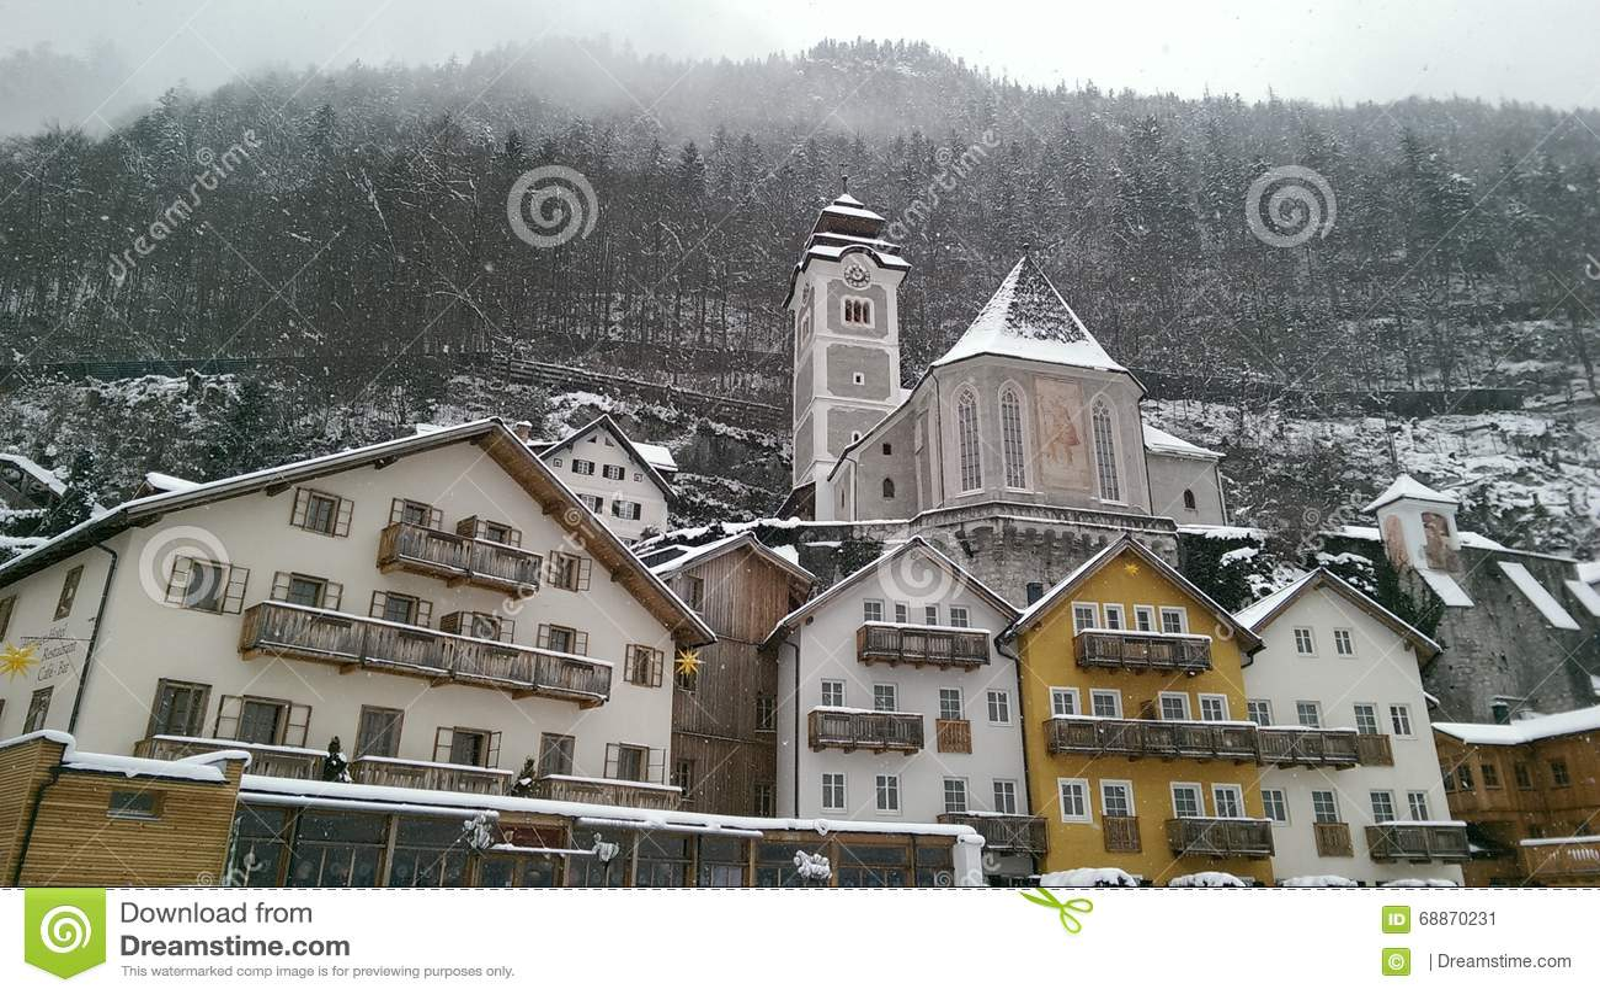 Hallstatt in Snow view, Austria